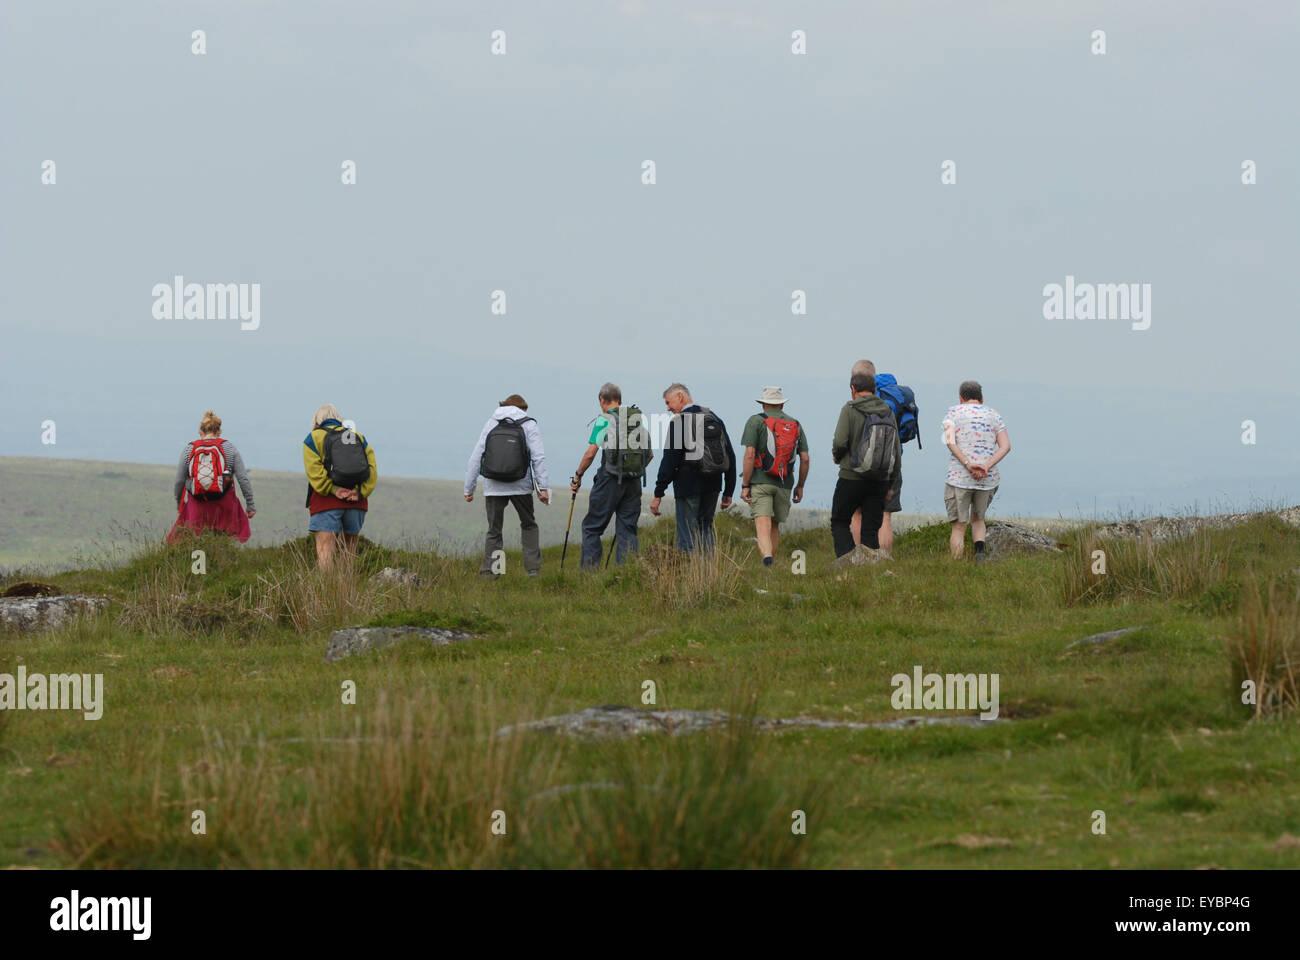 Grupo de excursionistas caminando cerca de Merrivale, parque nacional de Dartmoor, Devon, Reino Unido. Imagen De Stock